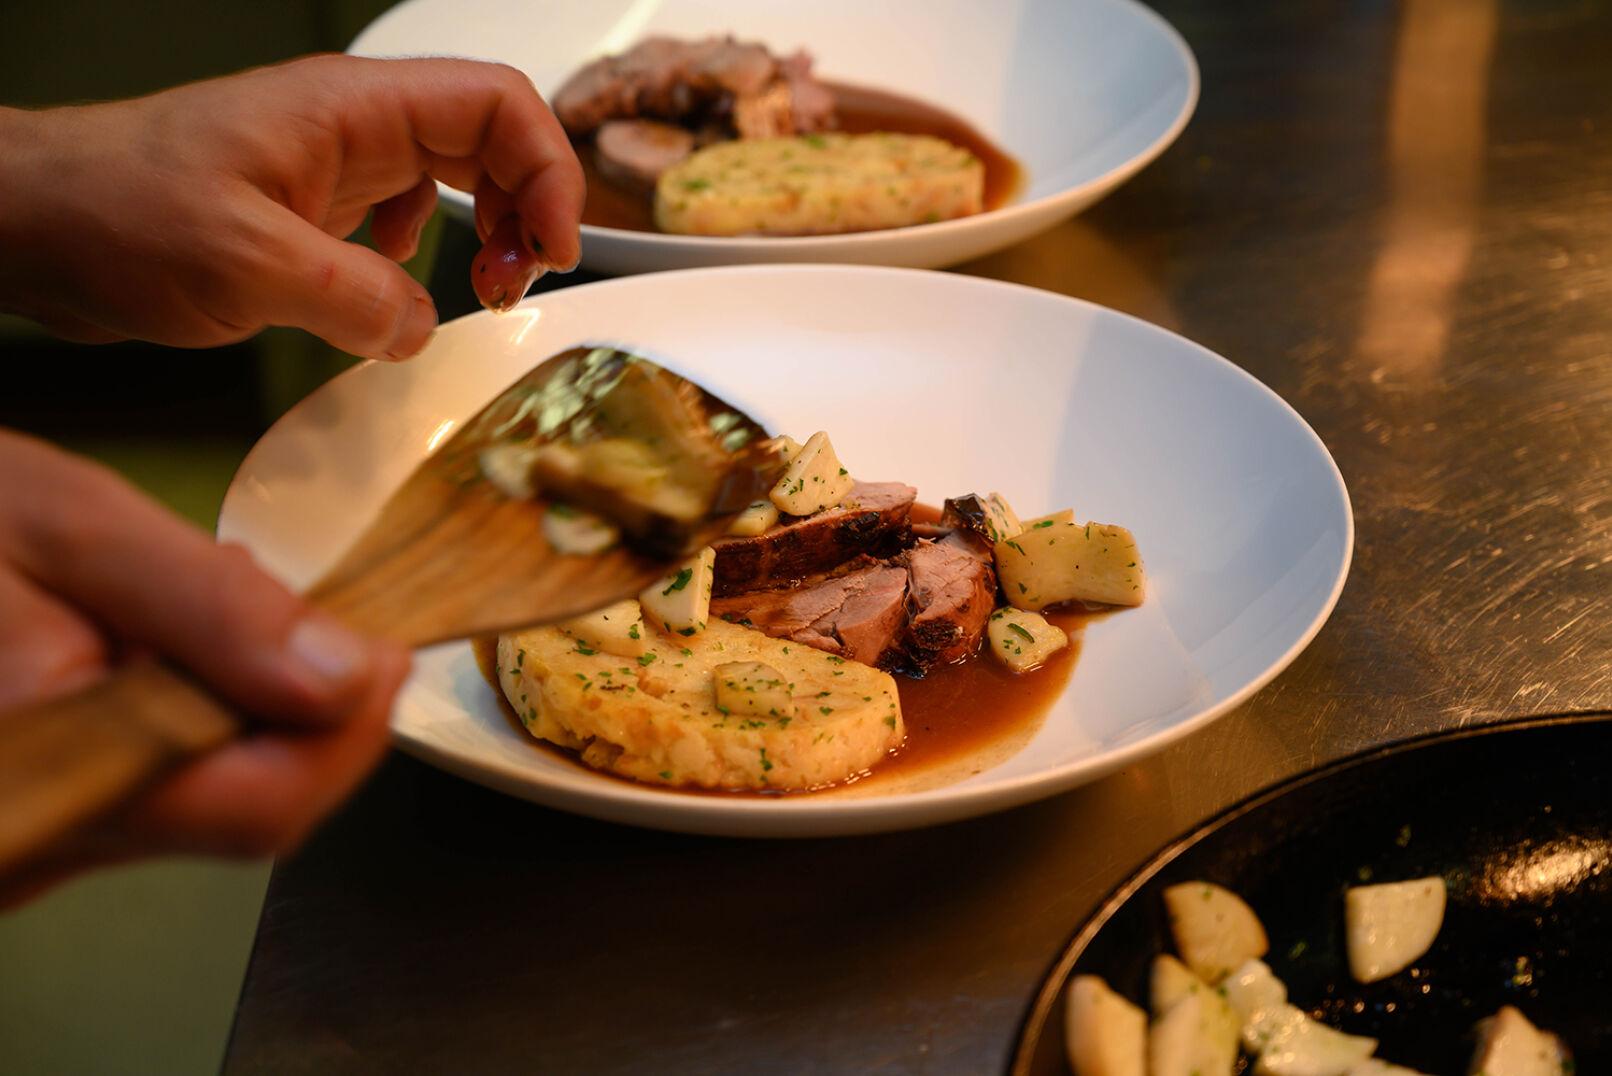 Mit Sauce, Serviettenknödel und gebratenen Pilzen anrichten. - © Barbara Marko